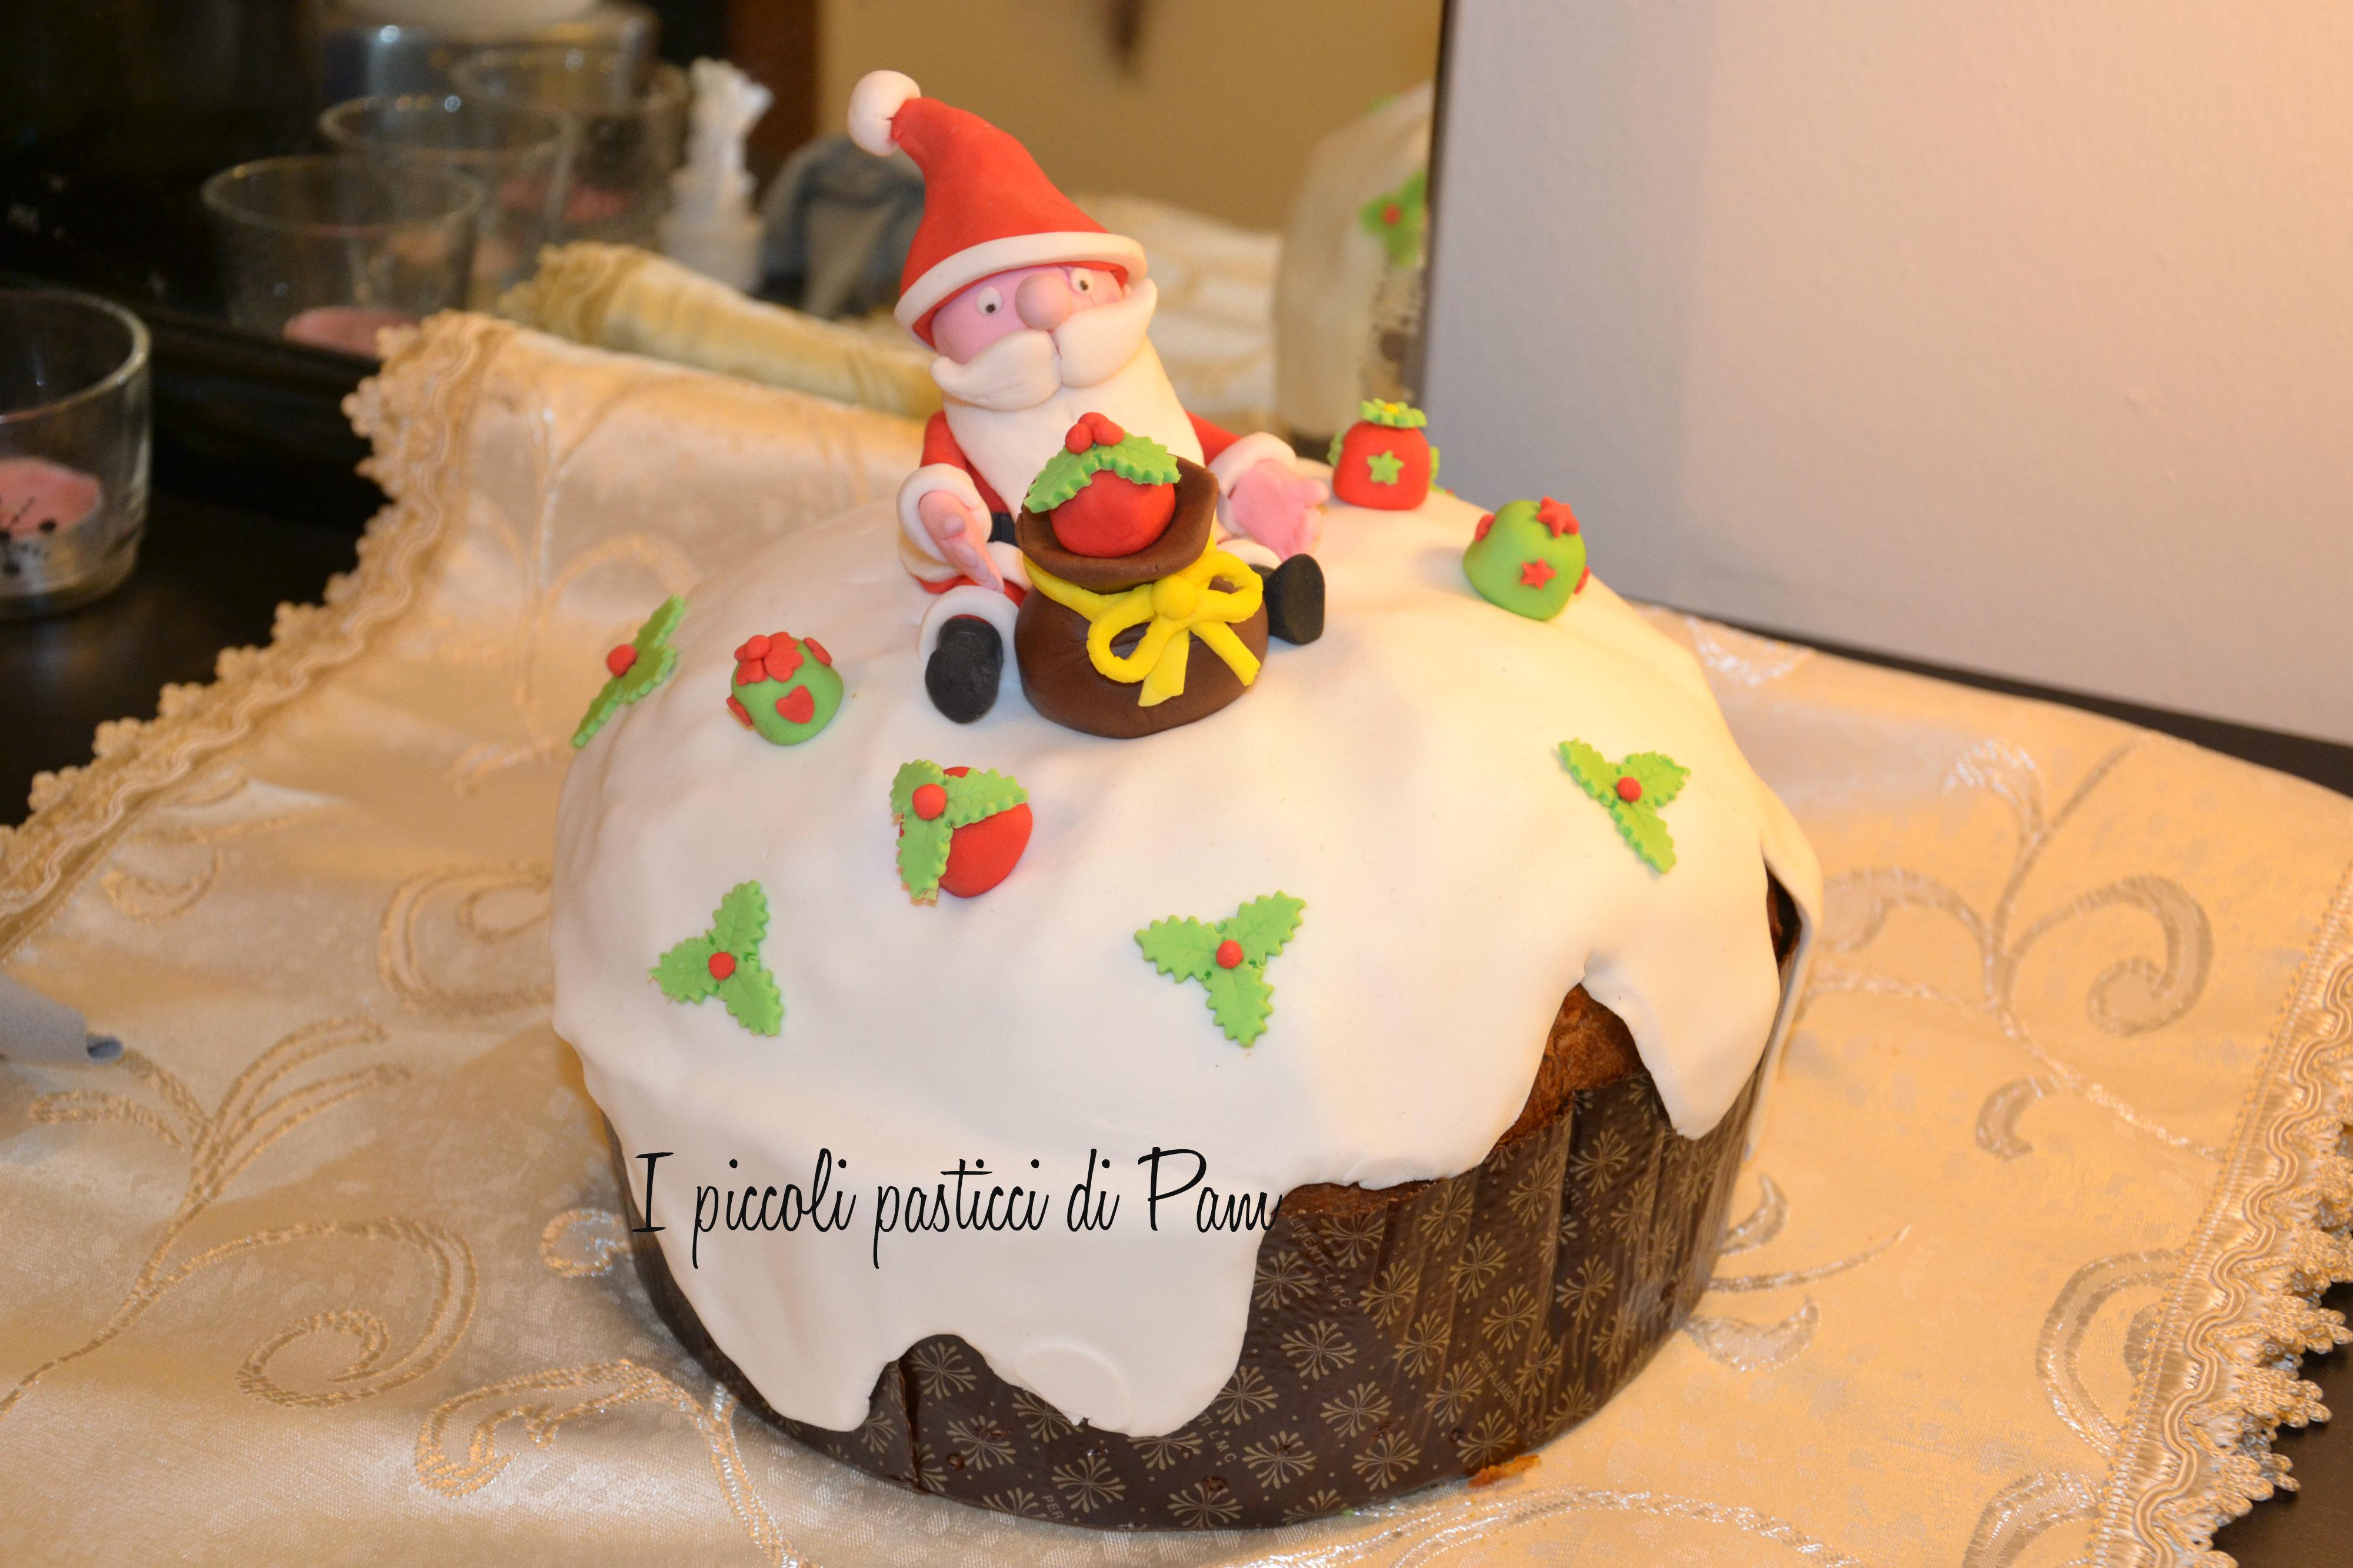 Cake Design Ricette Pasta Di Zucchero : Panettone decorato in pasta di zucchero cake design I ...